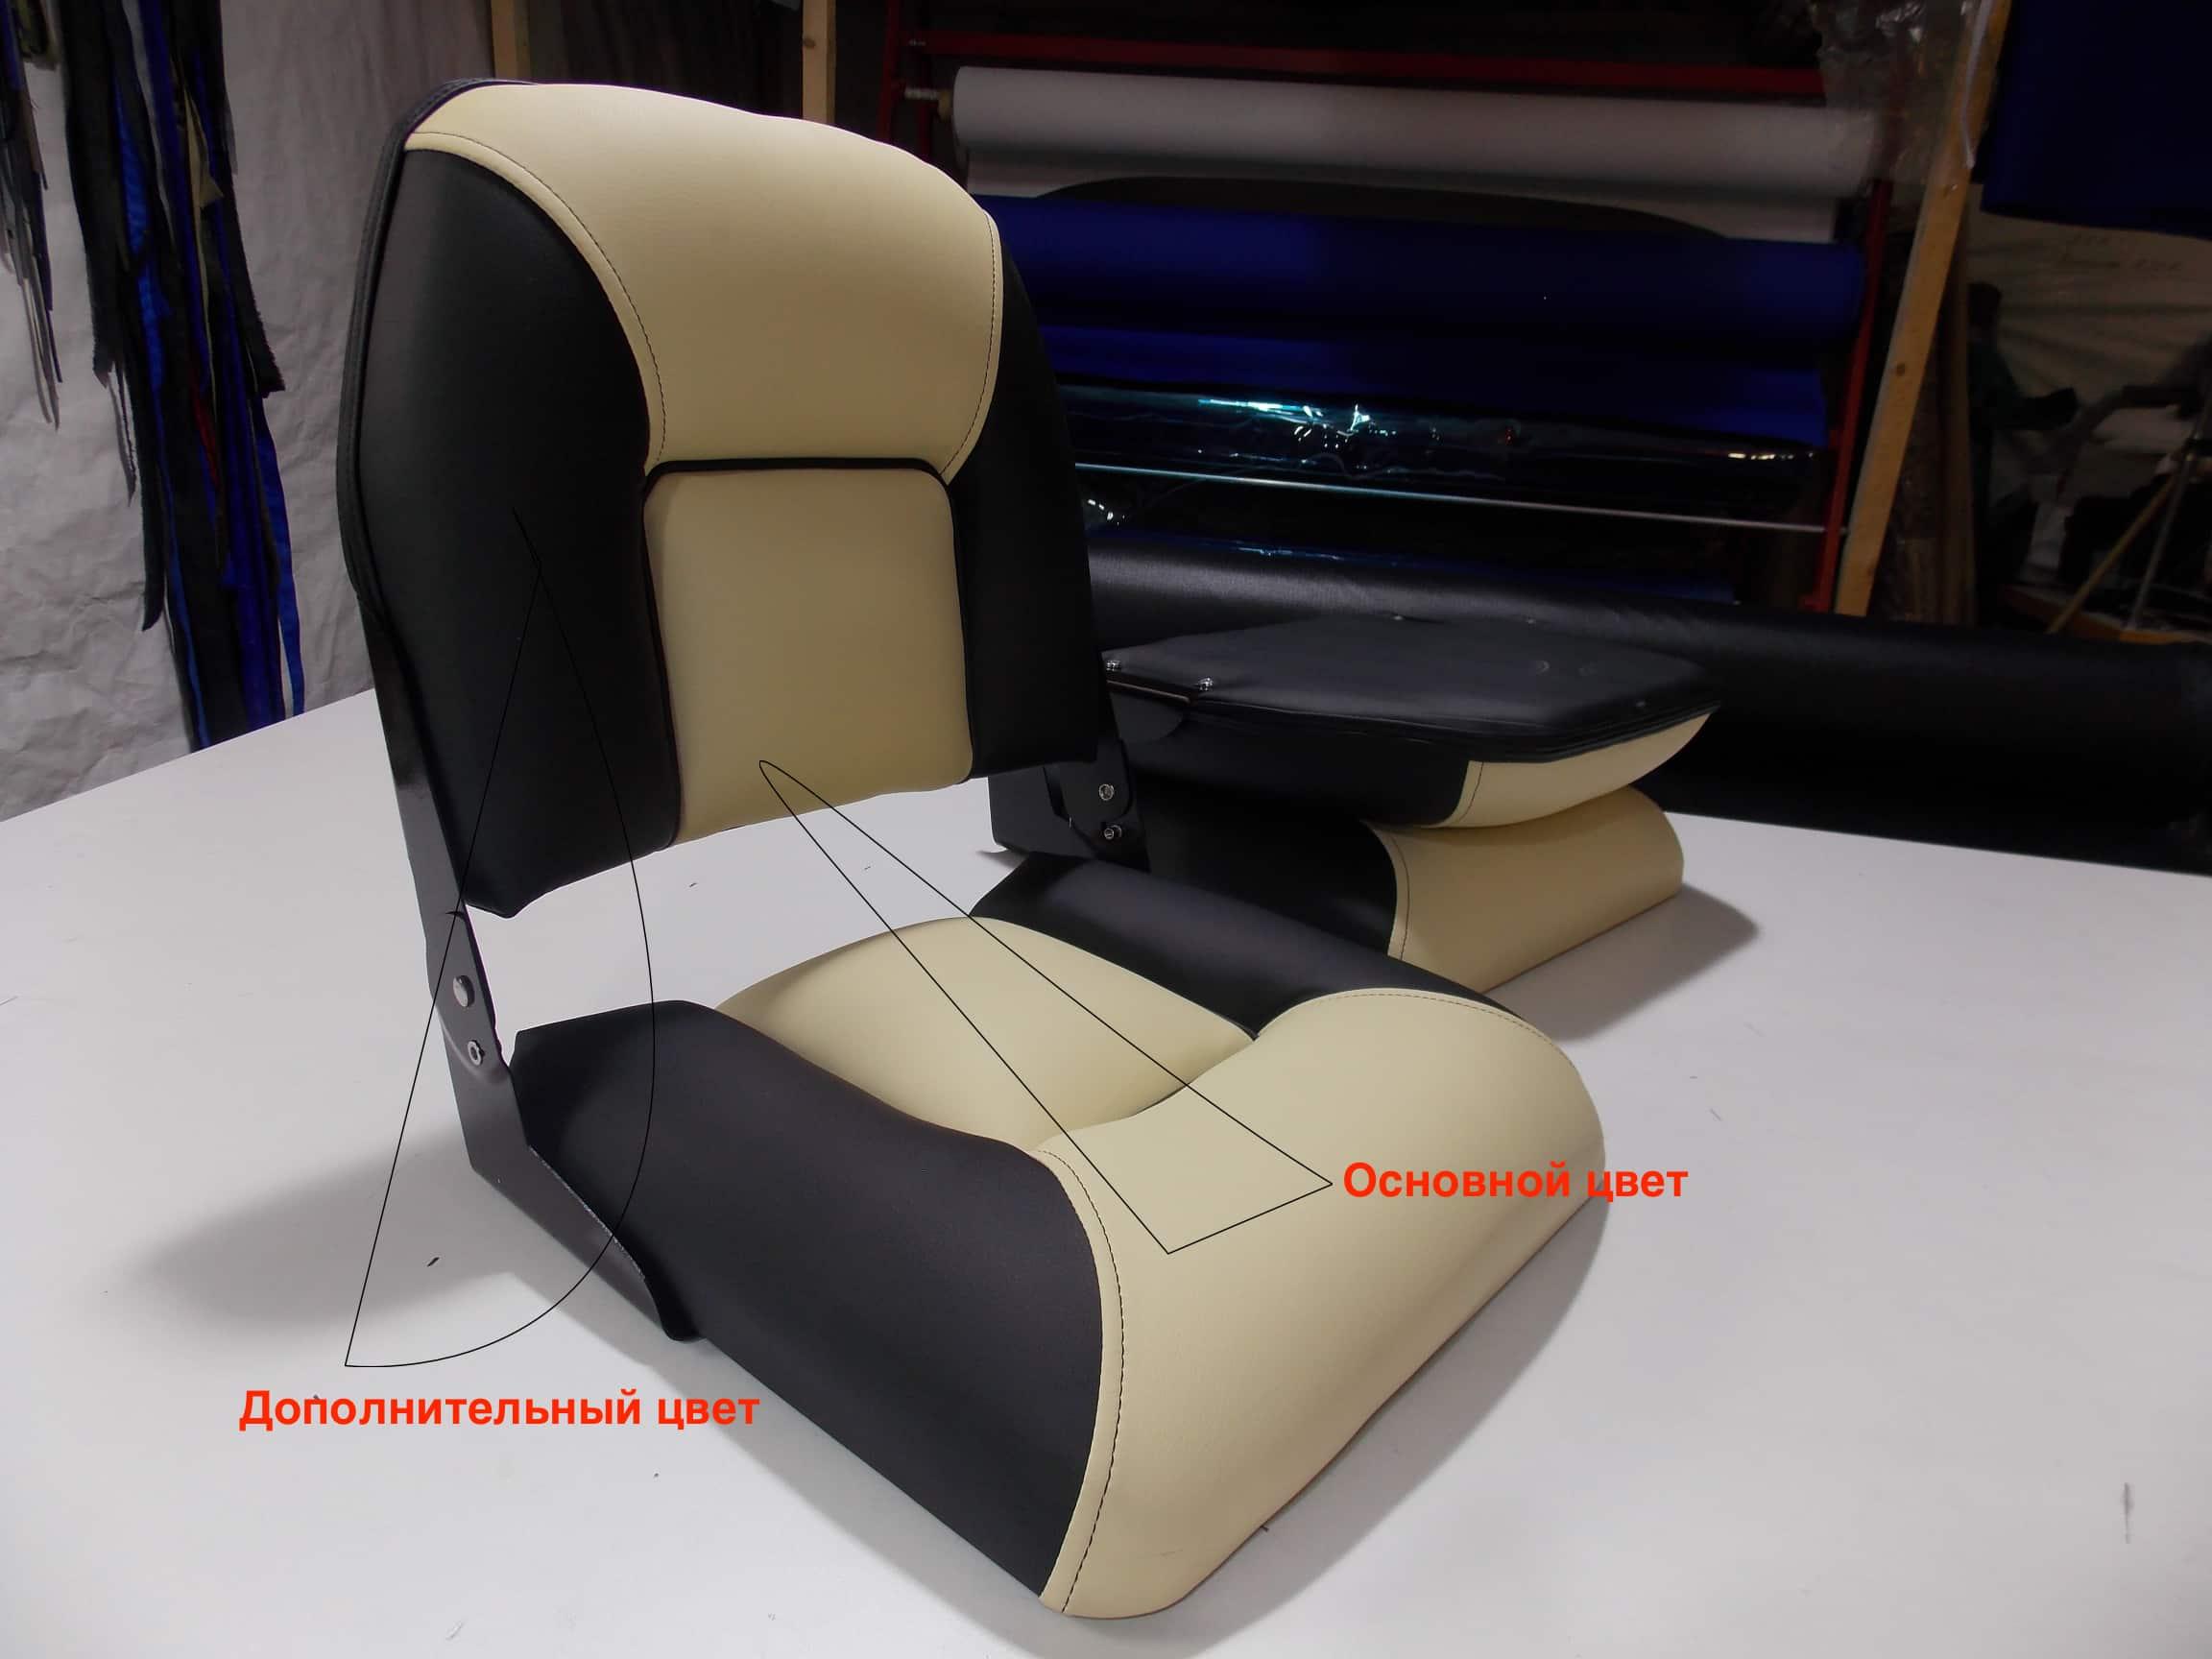 Выбор цвета кресла